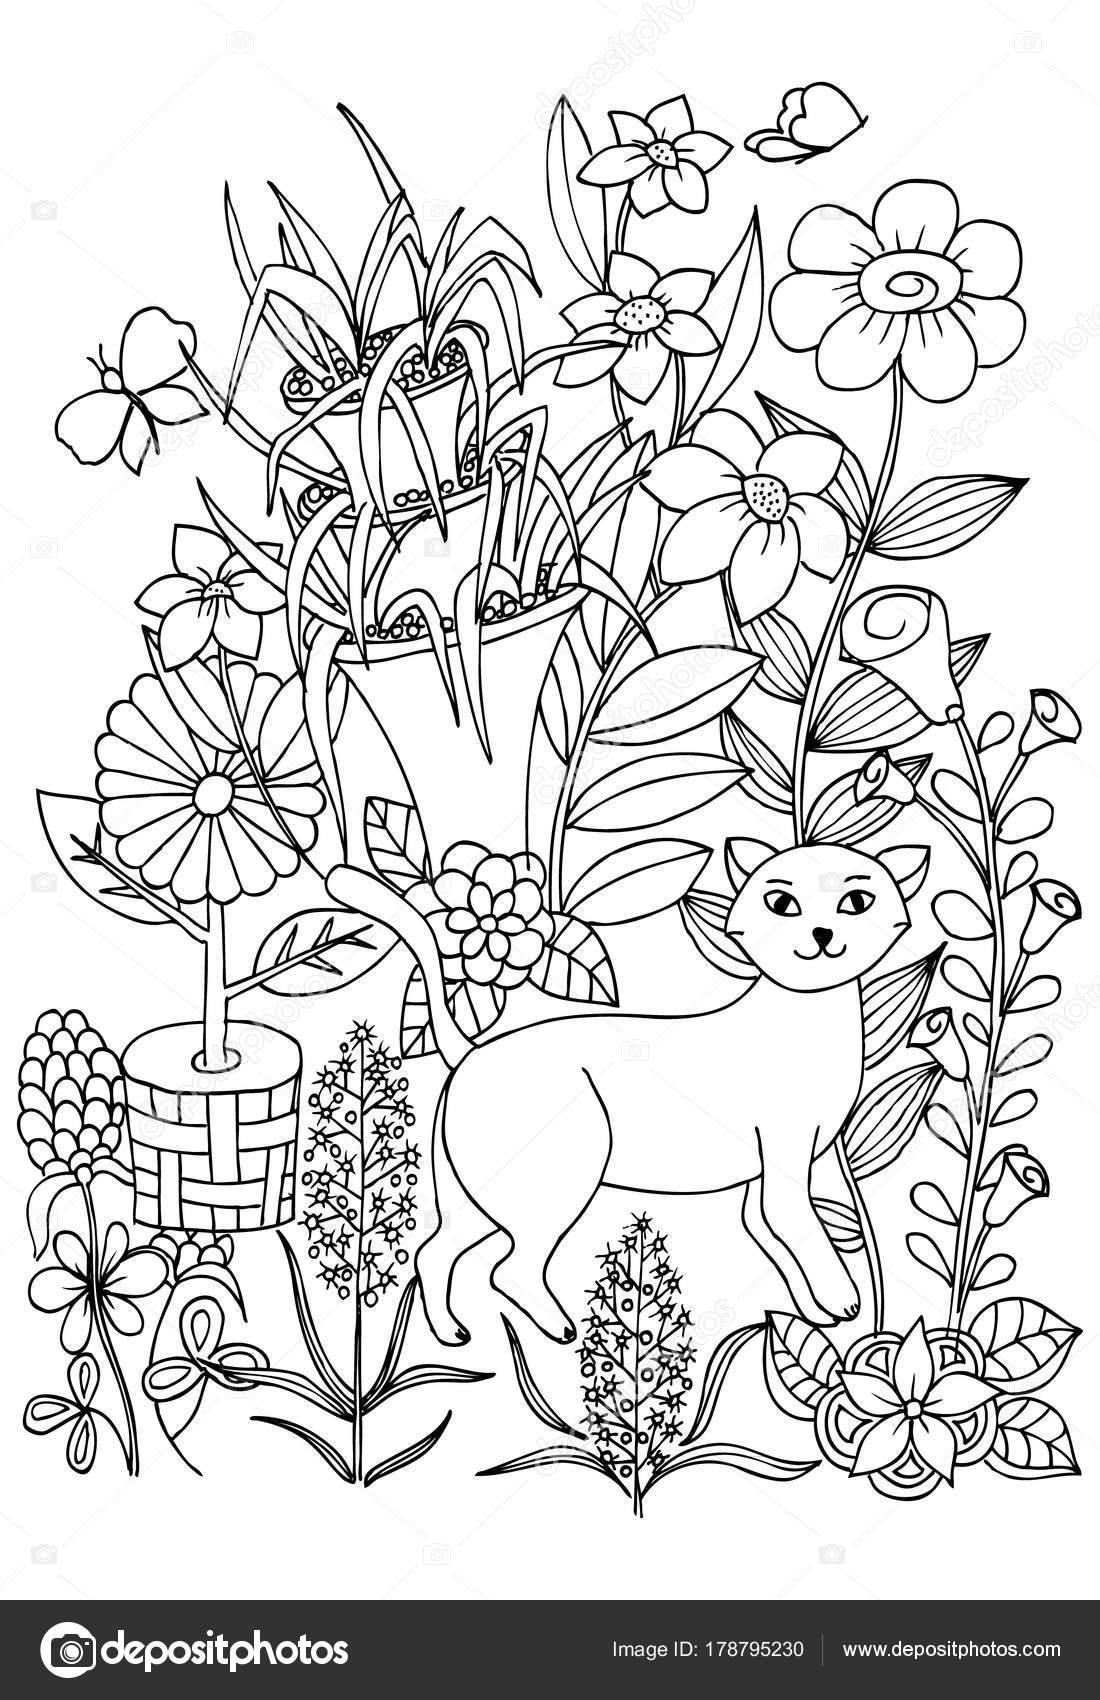 Malvorlagen mit Katze, boo, Blumen und Schmetterlinge zum Ausmalen ...